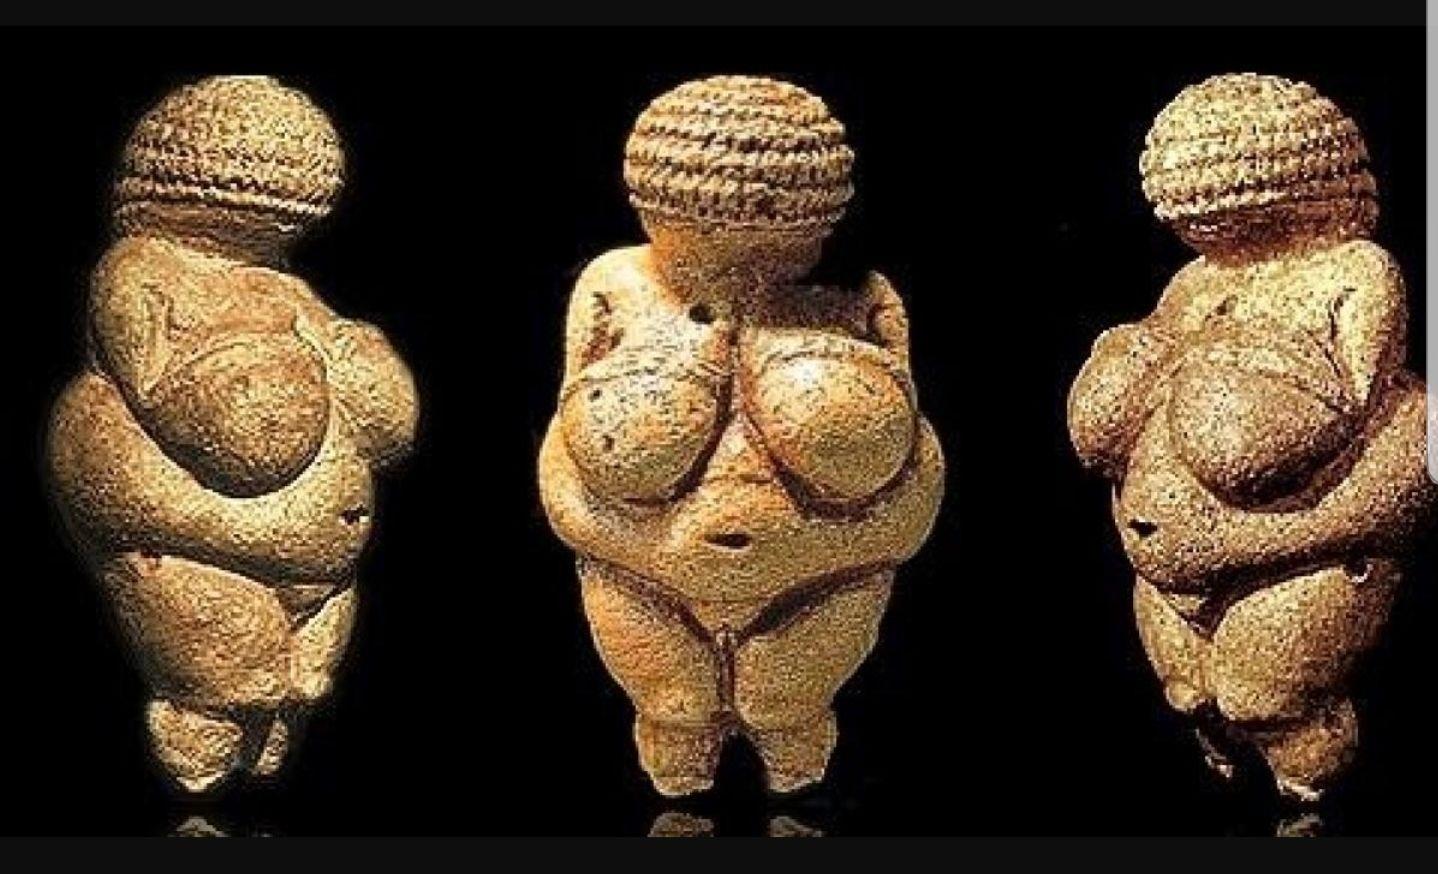 La Venus de Willendorf, de 25 mil años de antigüedad, fue una de las obras de arte a las que Facebook aplicó censura por considerarla un desnudo ofensivo